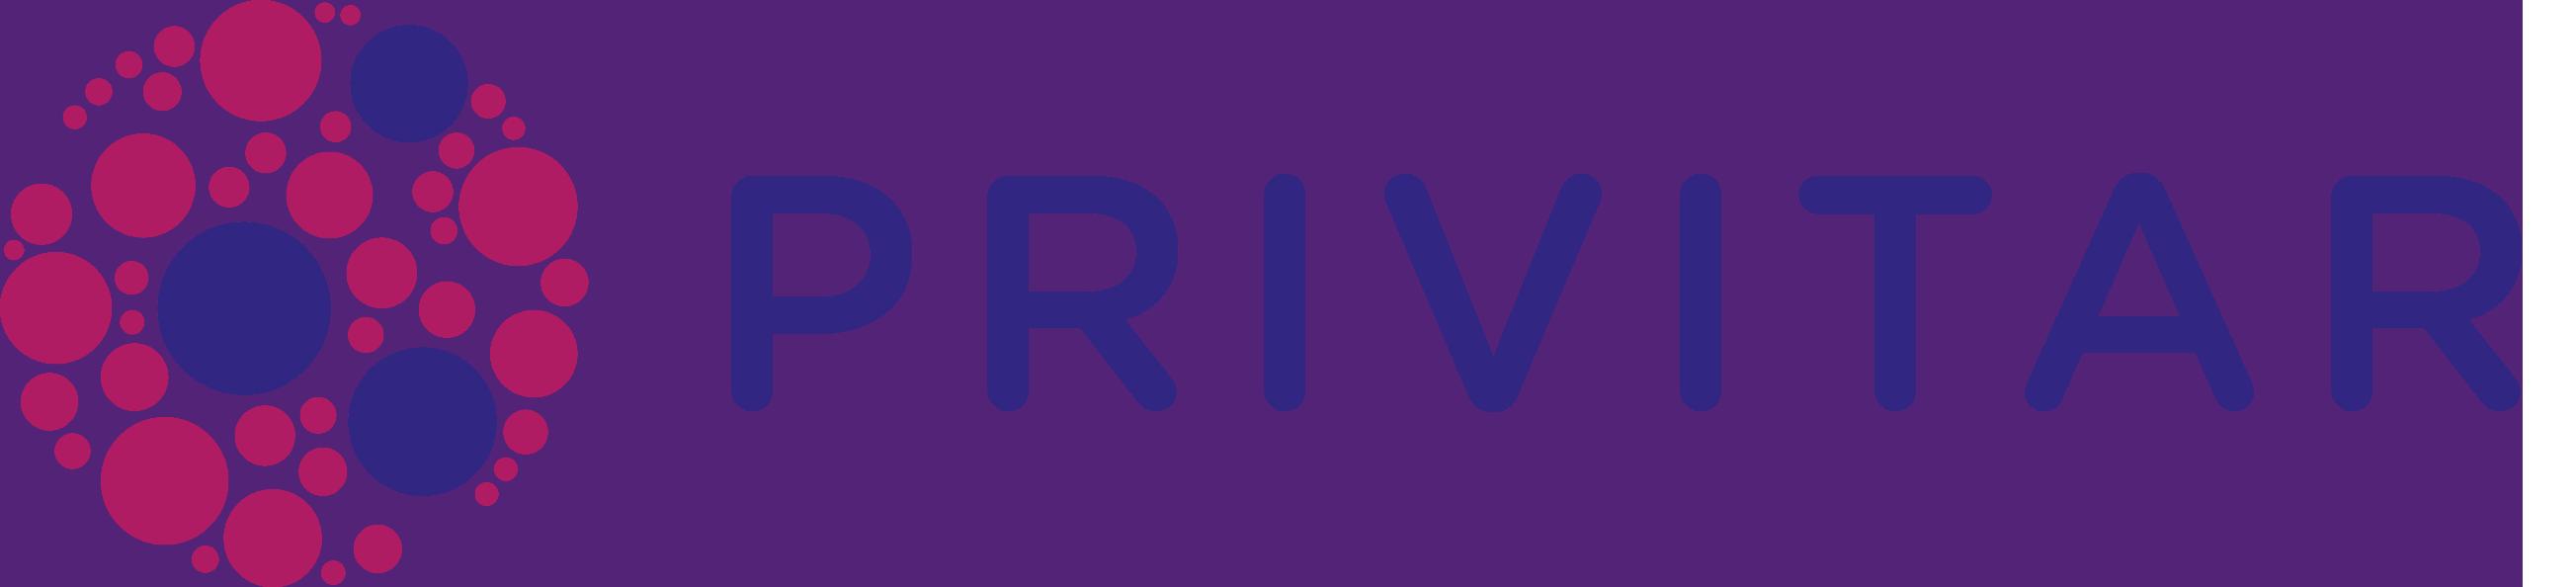 Privitar-logo